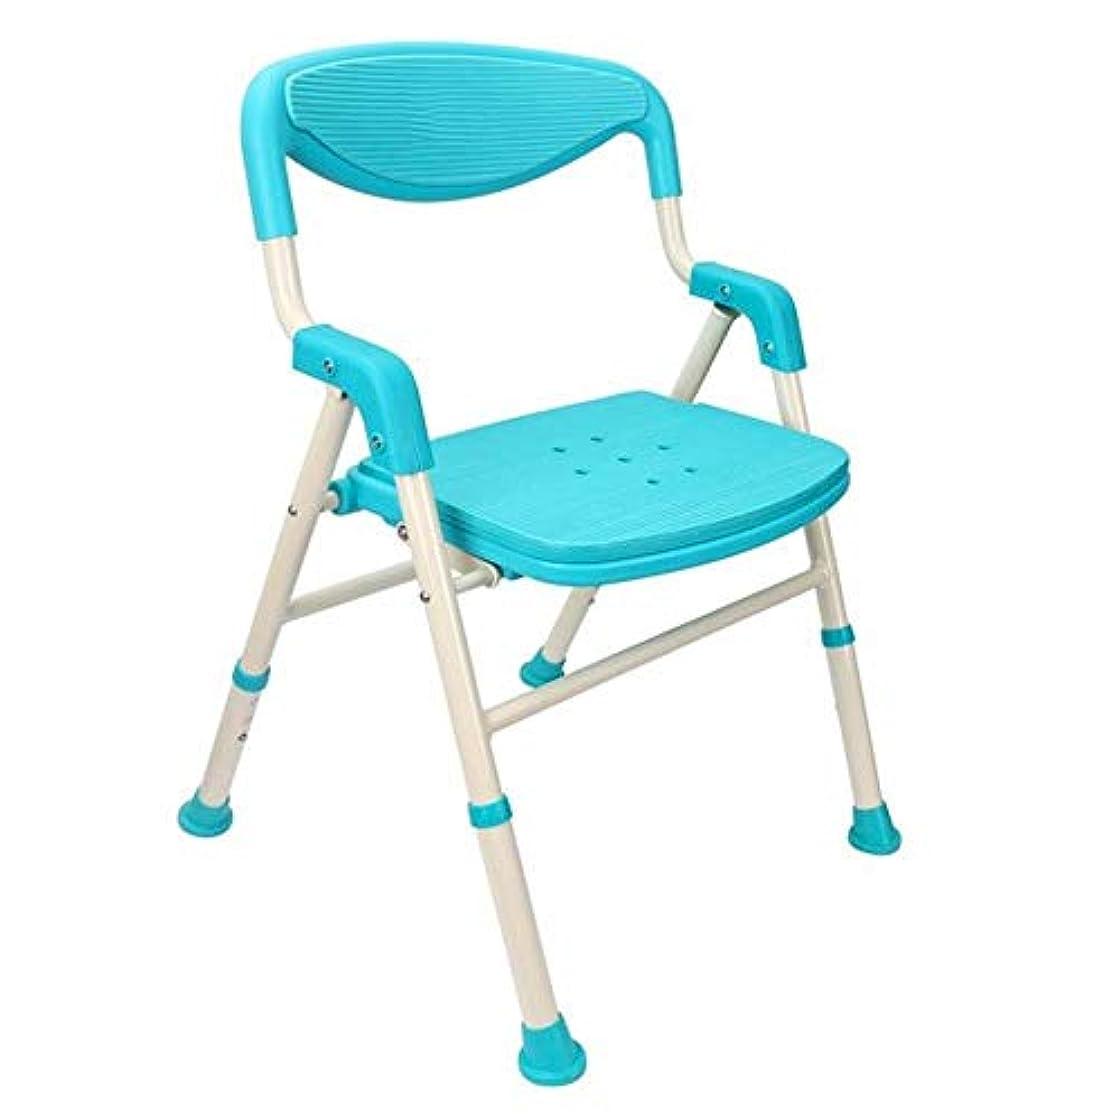 不完全な夢中教えてアームと座席背もたれの調節可能な高さを備えたシャワー止まるスツール